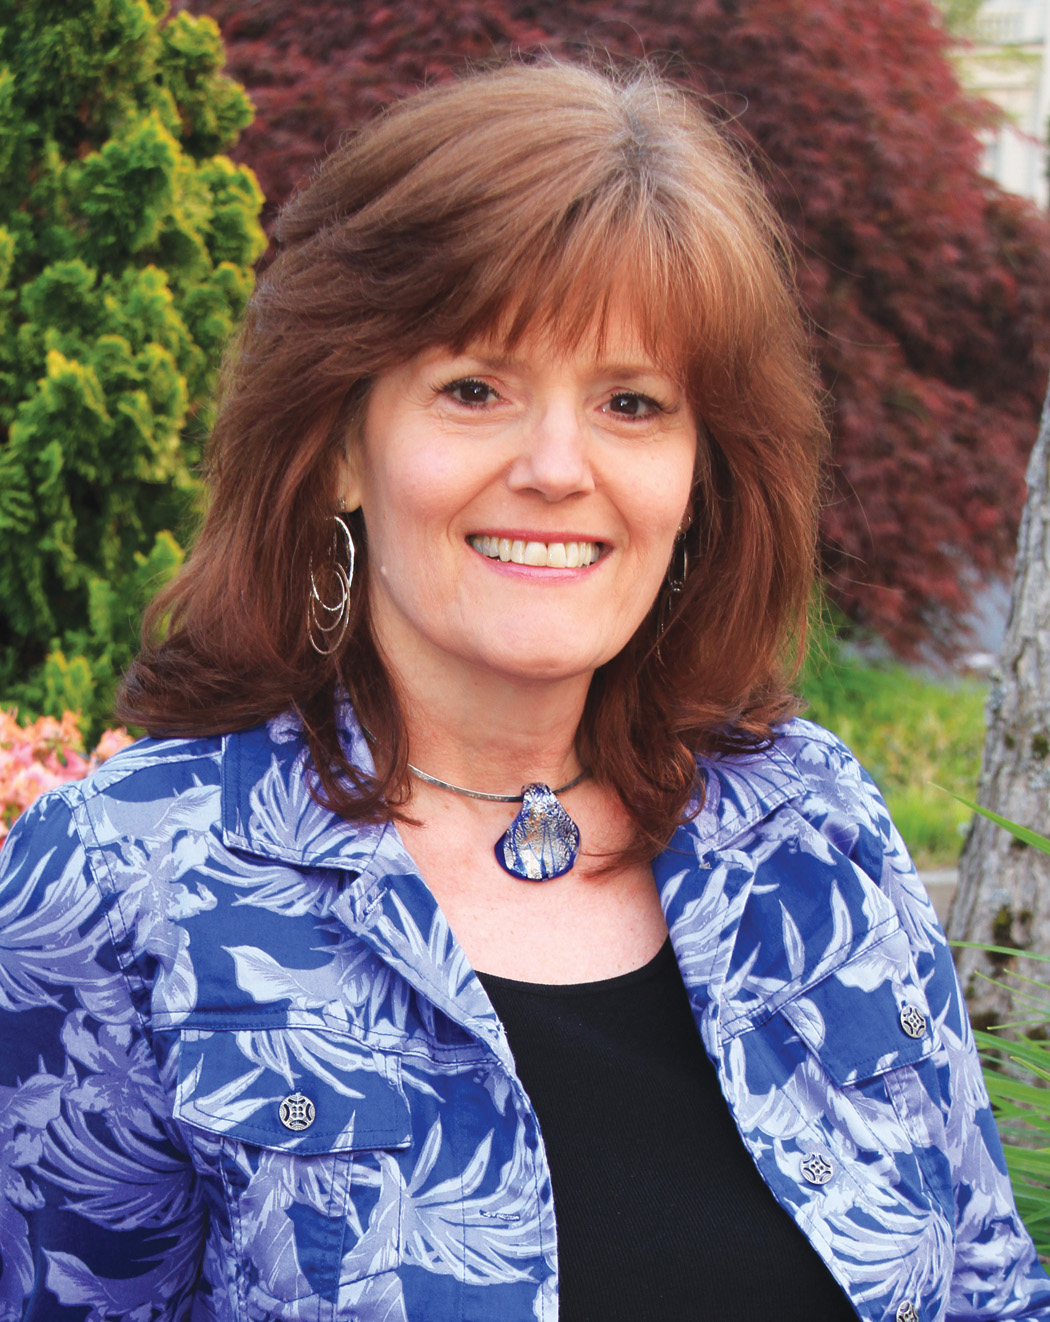 Image courtesy of www.bakerpublishinggroup.com